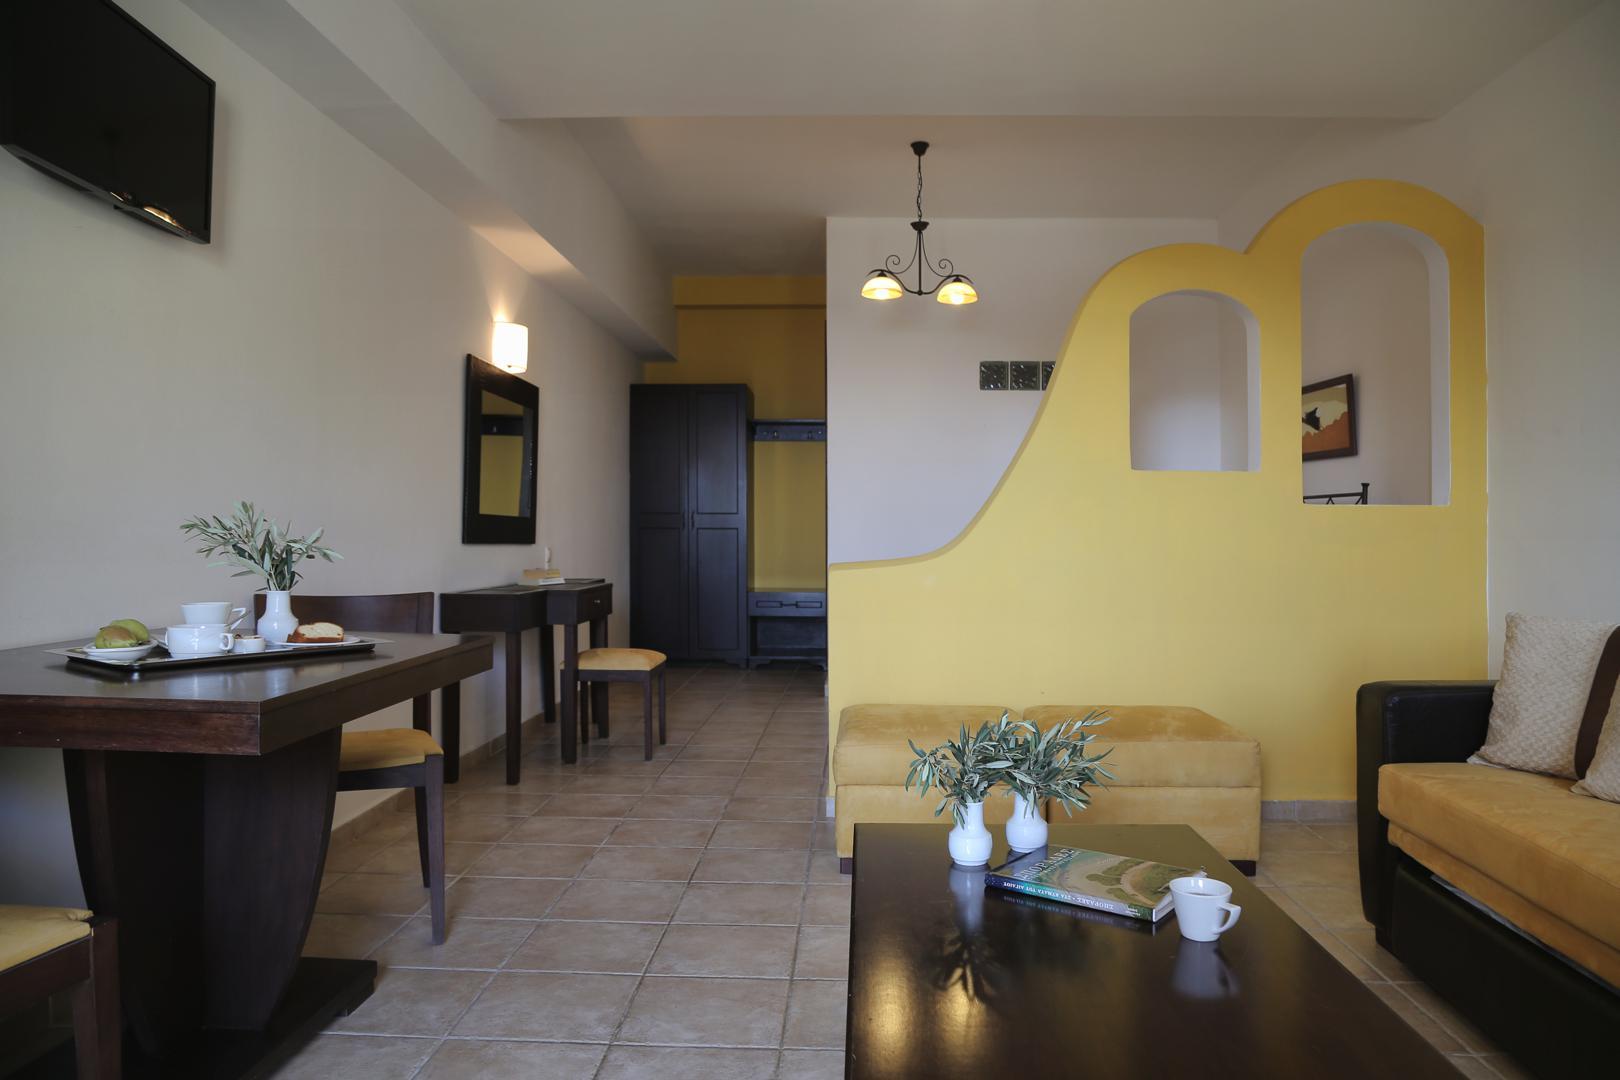 Yalis Hotel - Double Room 1